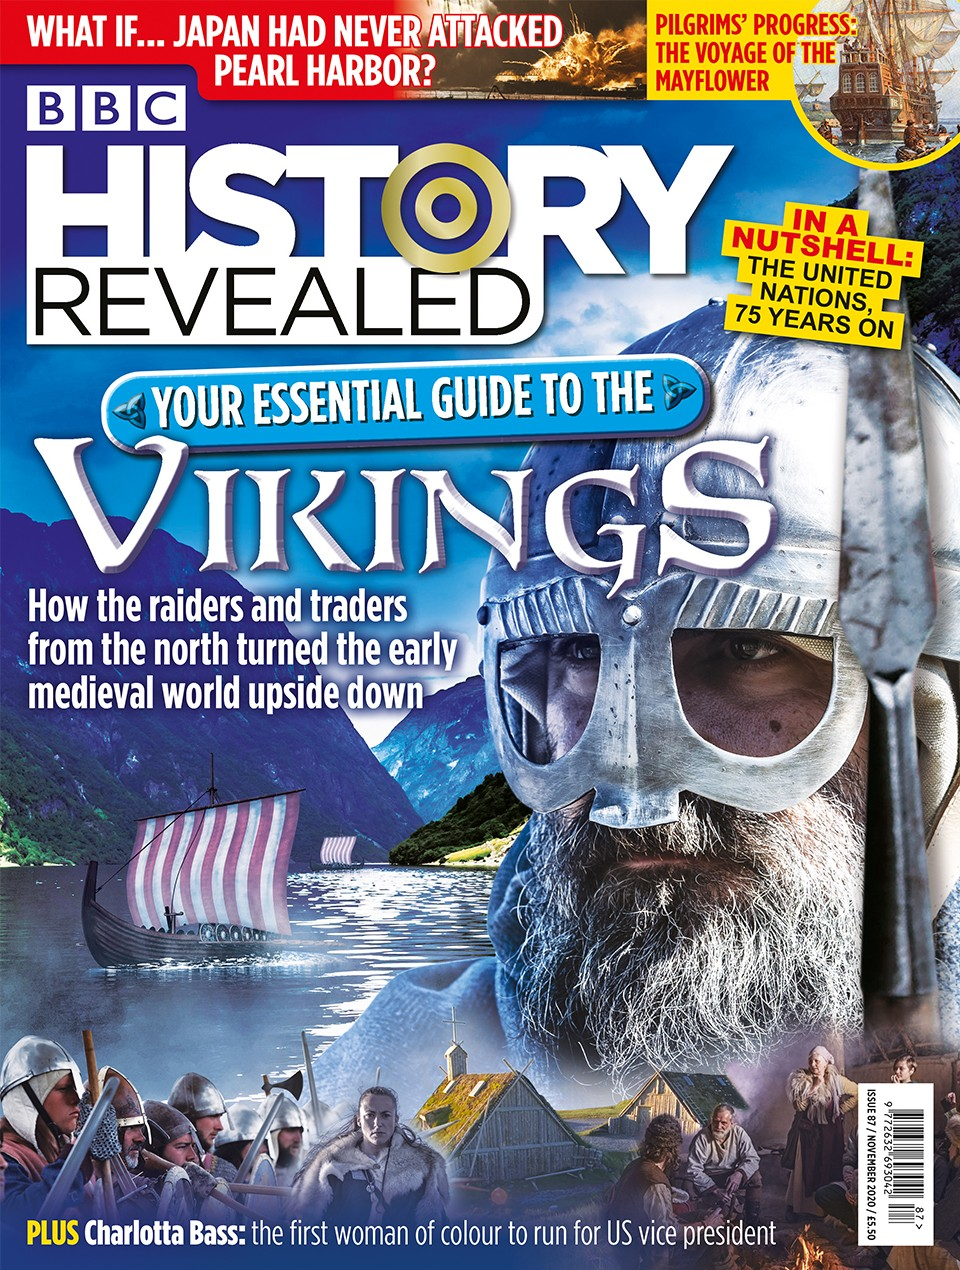 BBC History Revealed November 2020